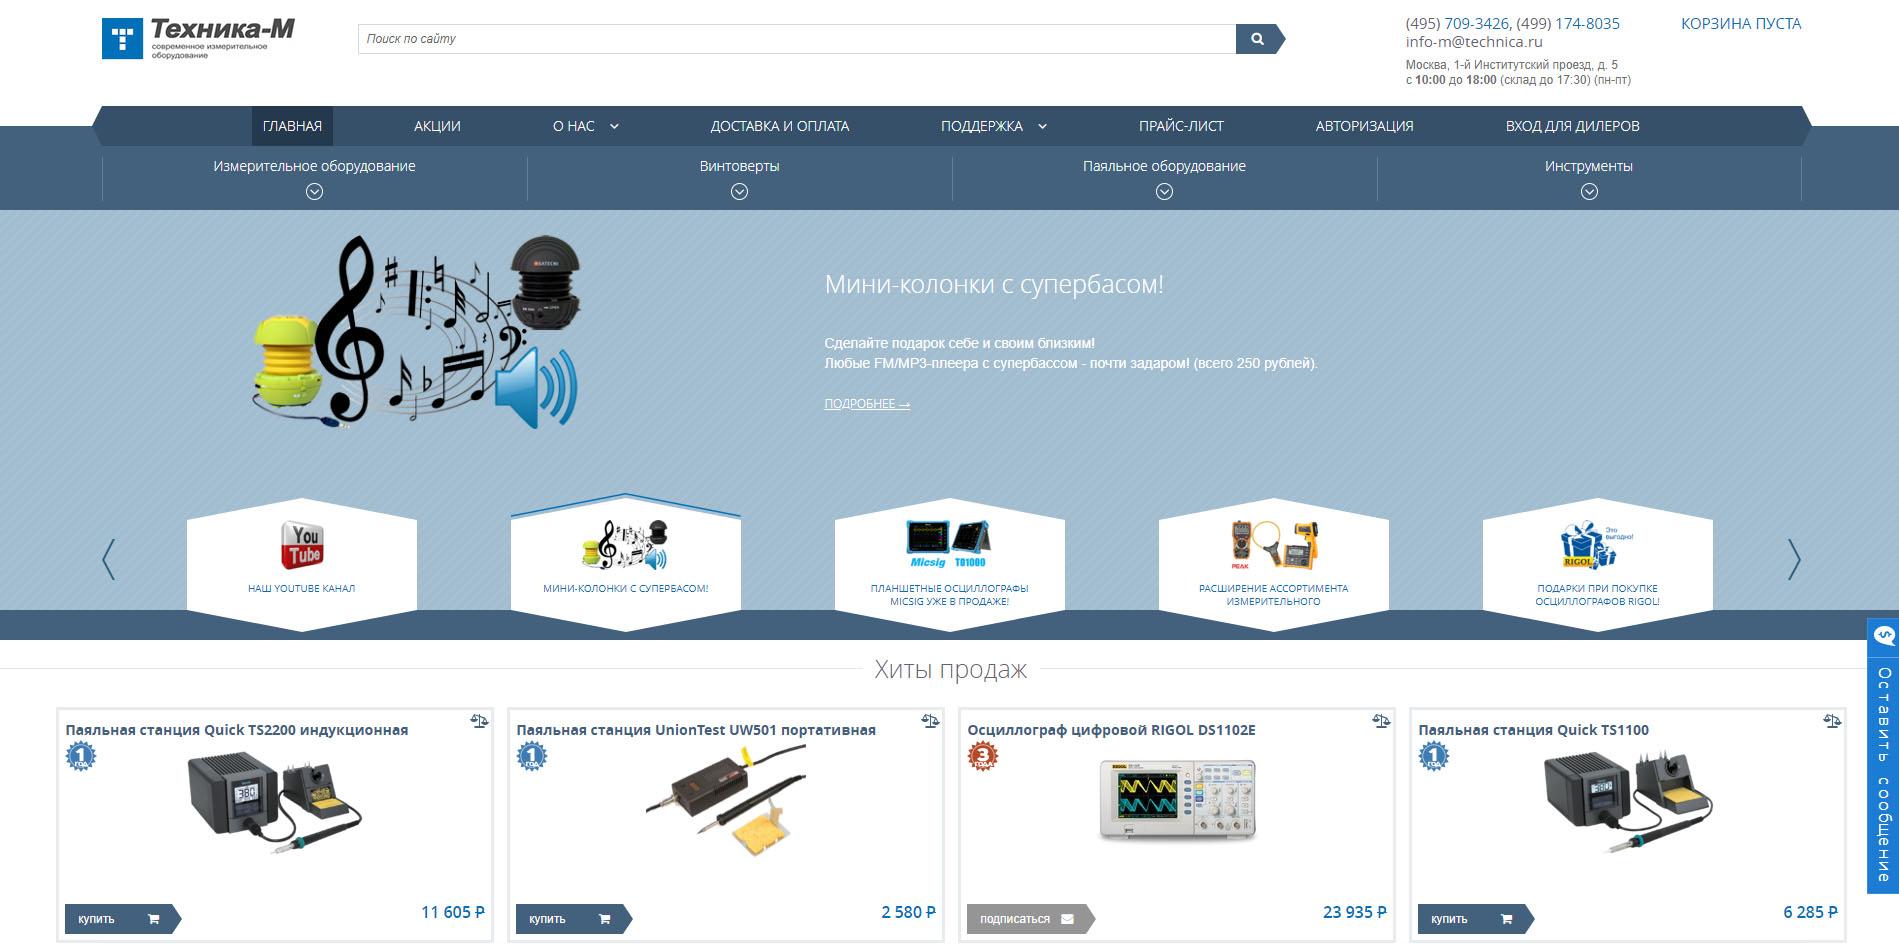 Интернет-магазин измерительной техники